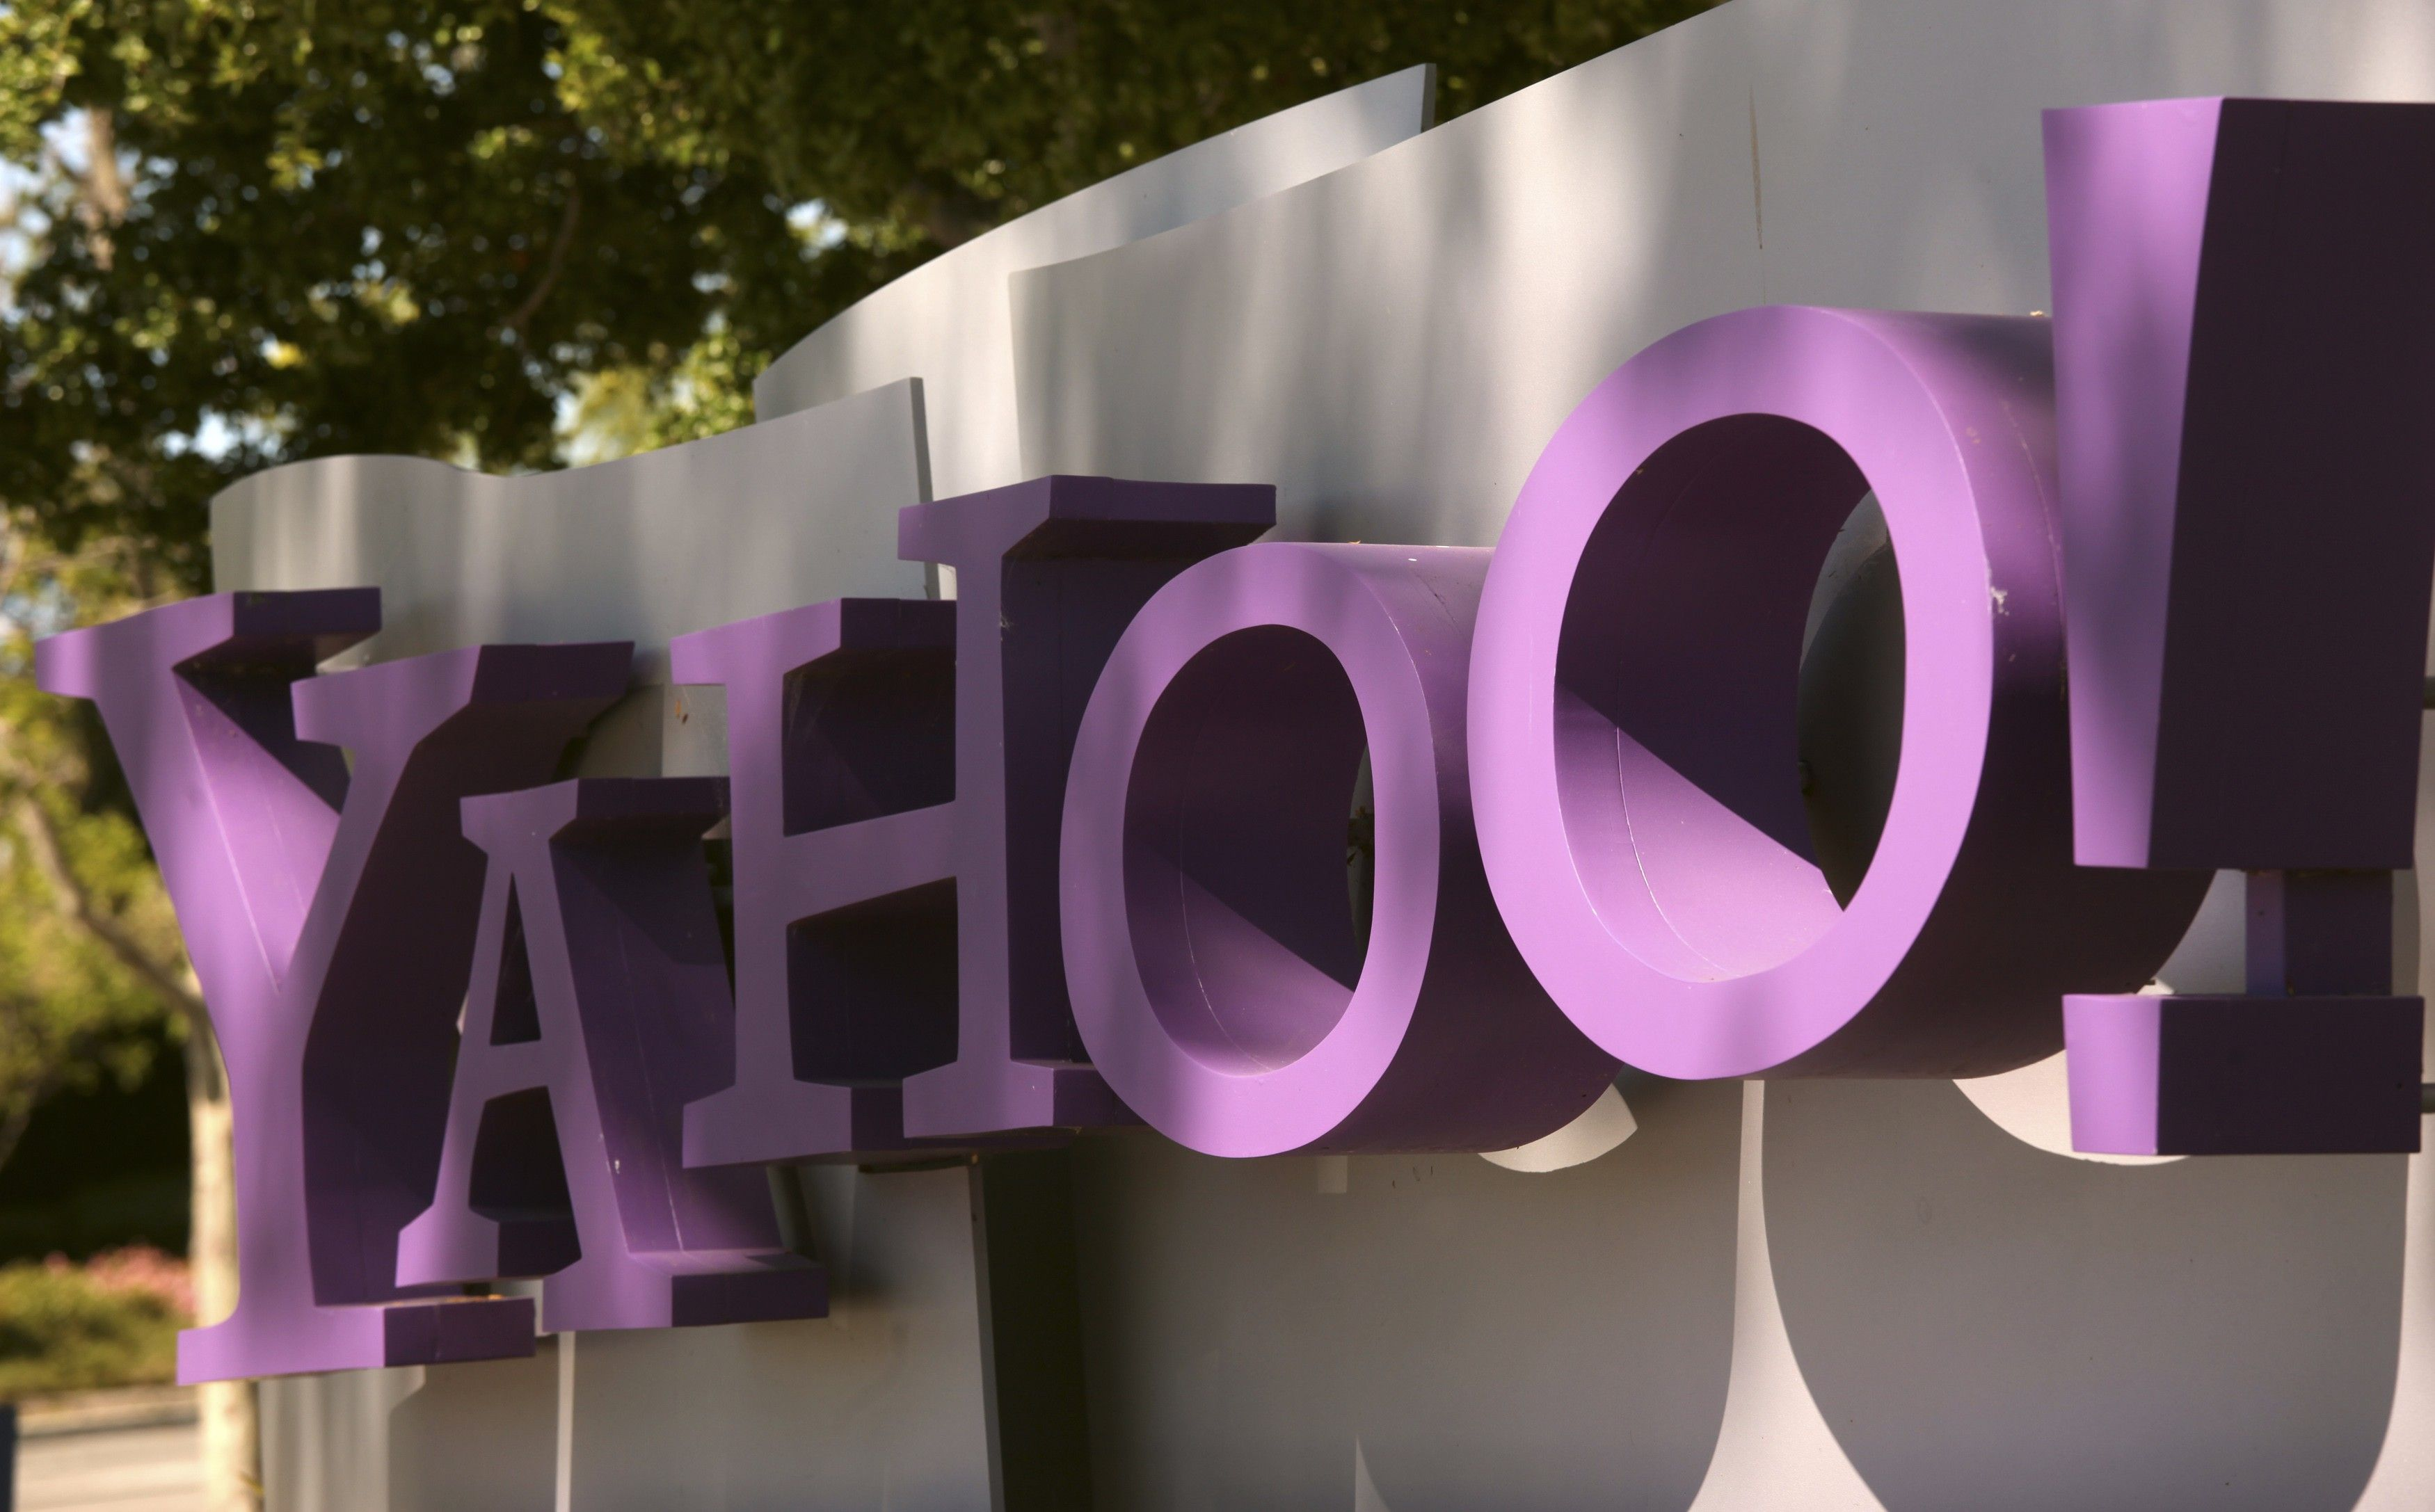 iPhone è una delle parole più ricercate sul motore di ricerca Yahoo  #follower #daynews - http://www.keyforweb.it/iphone-e-una-delle-parole-piu-ricercate-sul-motore-di-ricerca-yahoo/